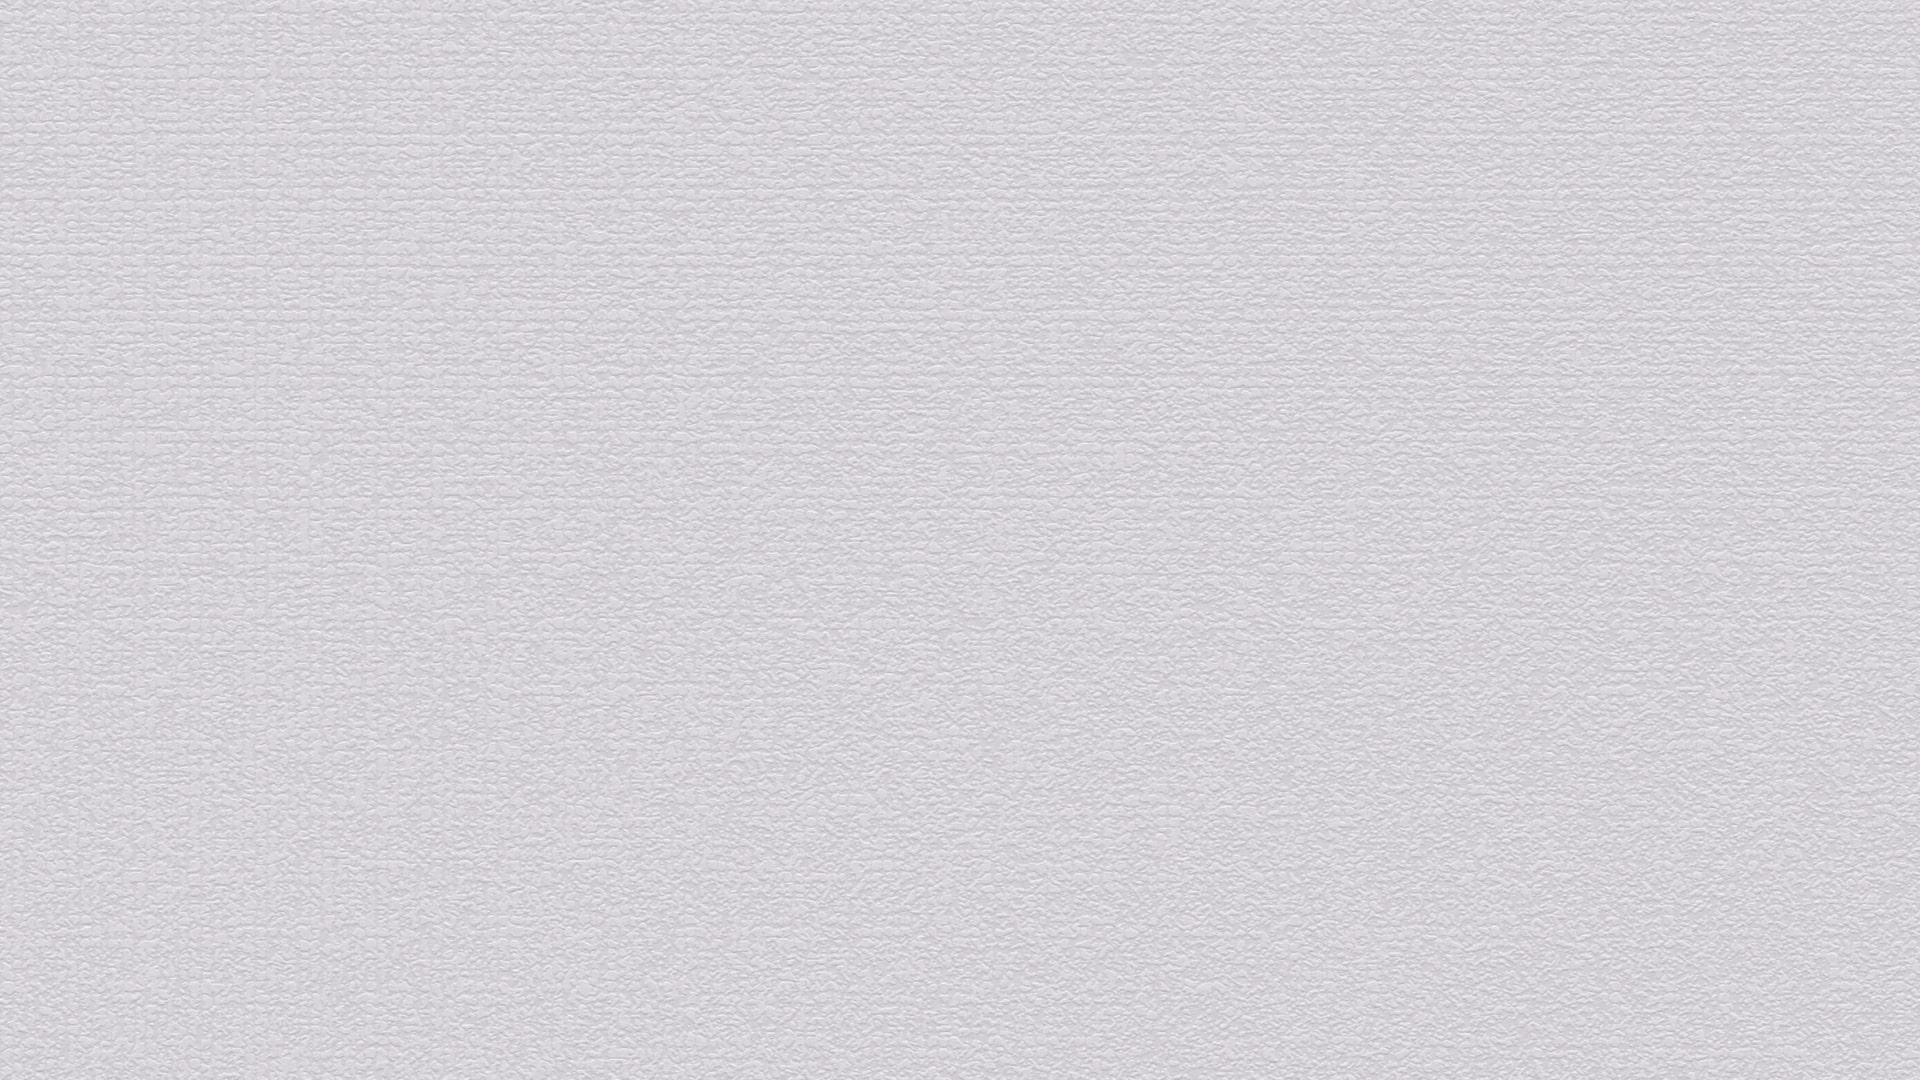 一般的な壁模様1_gray